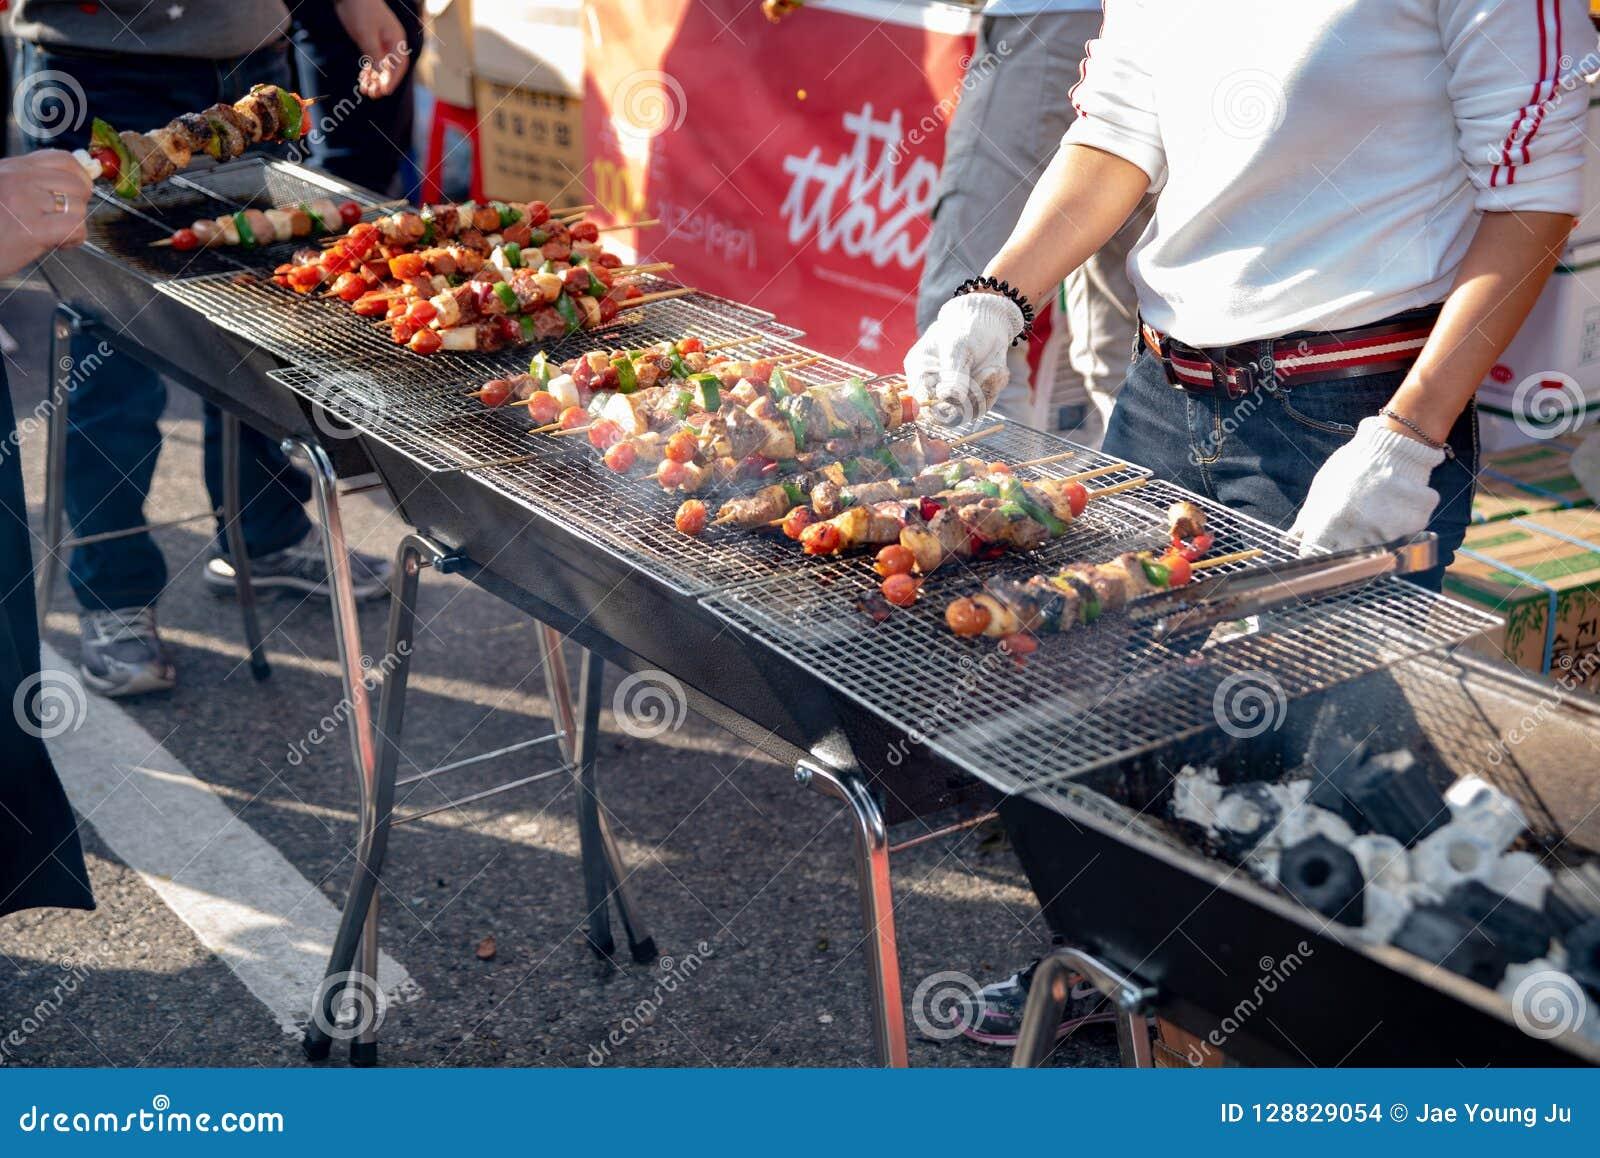 La nourriture a fait cuire au four avec des bâtons, nourriture de rue de Séoul, Corée